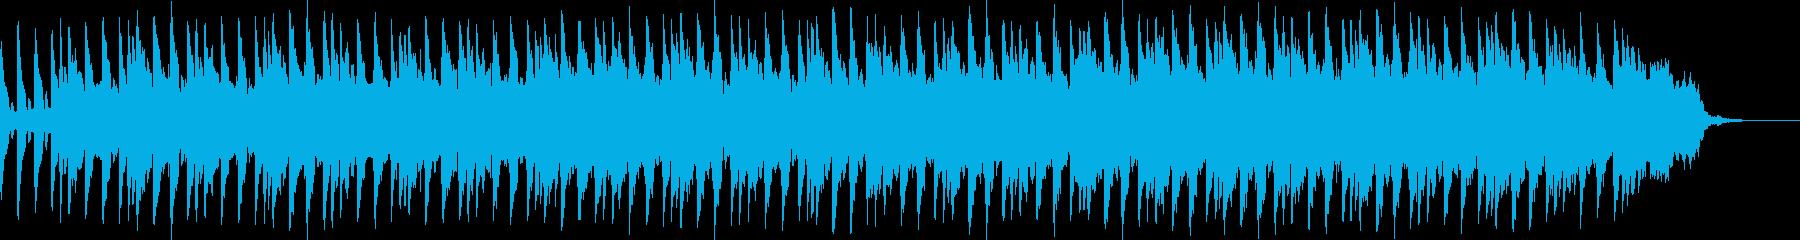 ニューエイジ研究所わずかなケルトの...の再生済みの波形